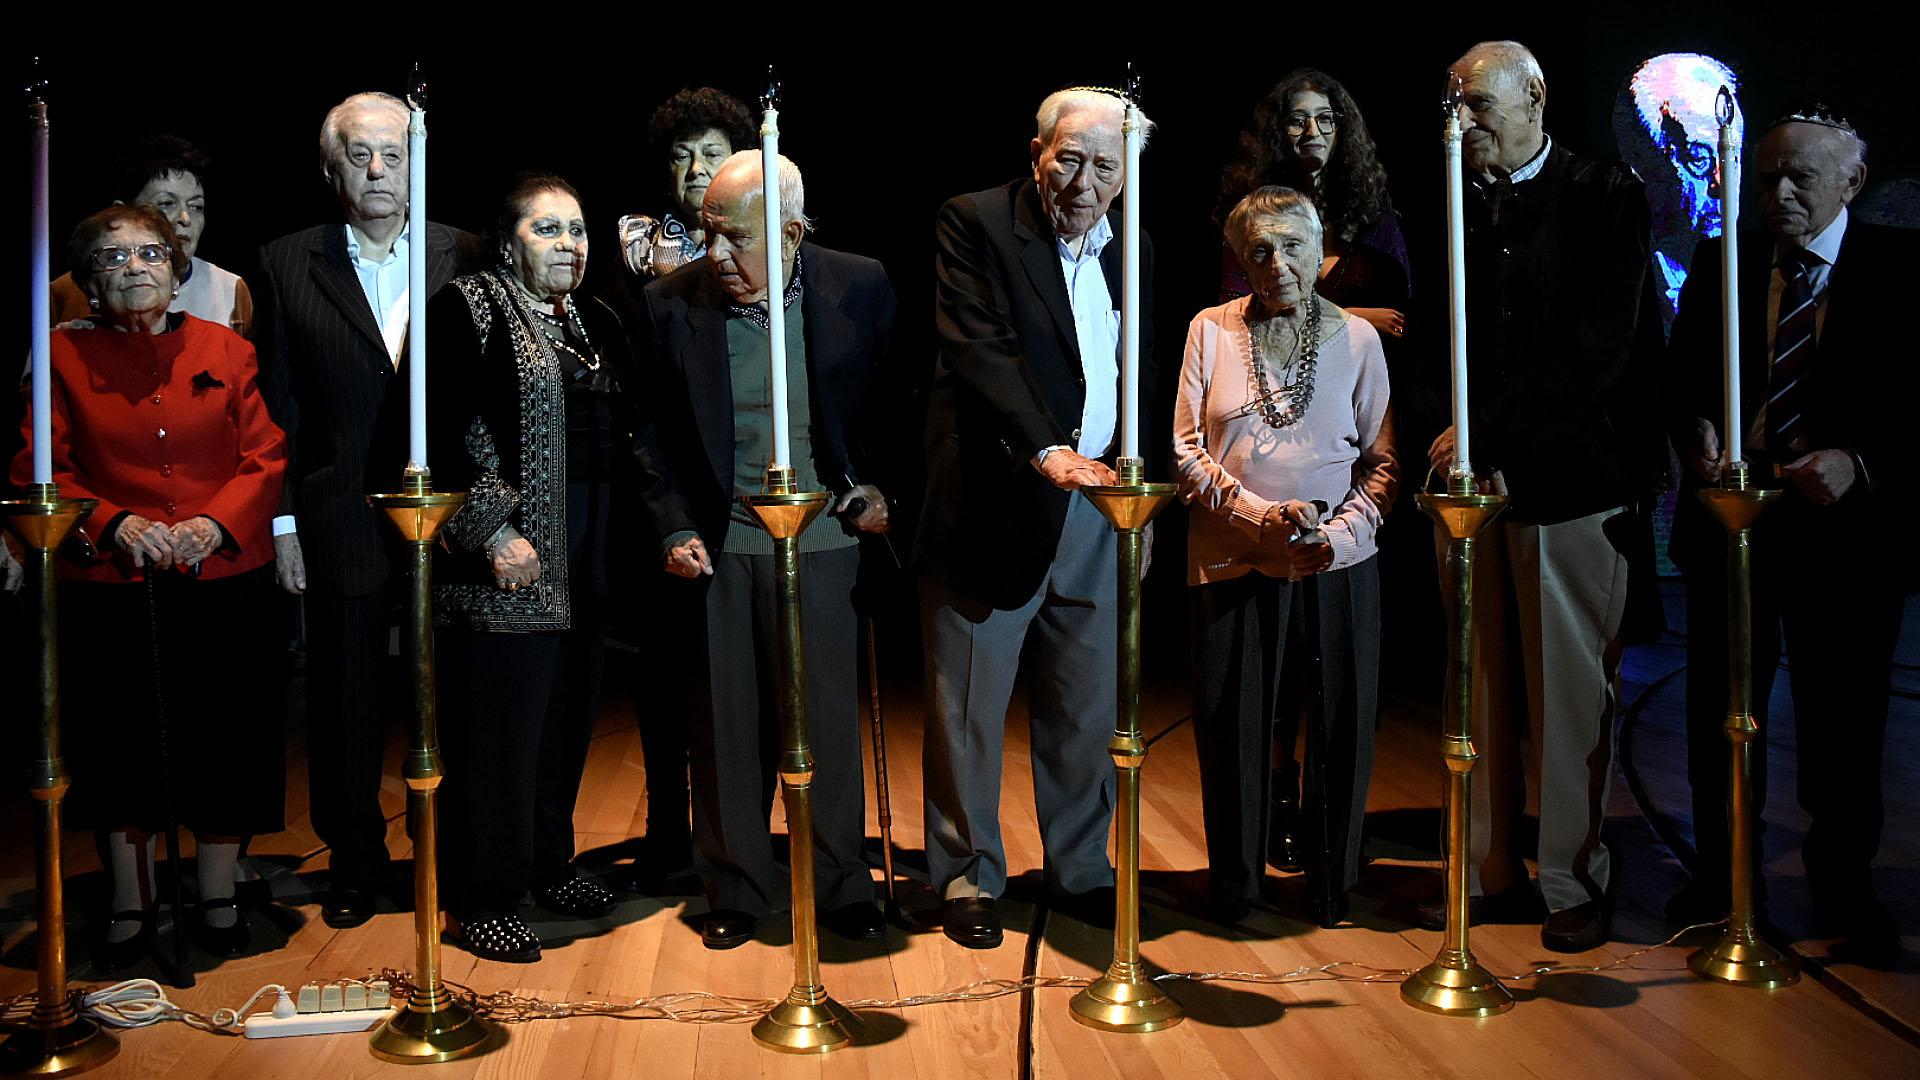 Los sobrevivientes del Holocausto encendieron velas en memoria por los 6 millones de judíos asesinados